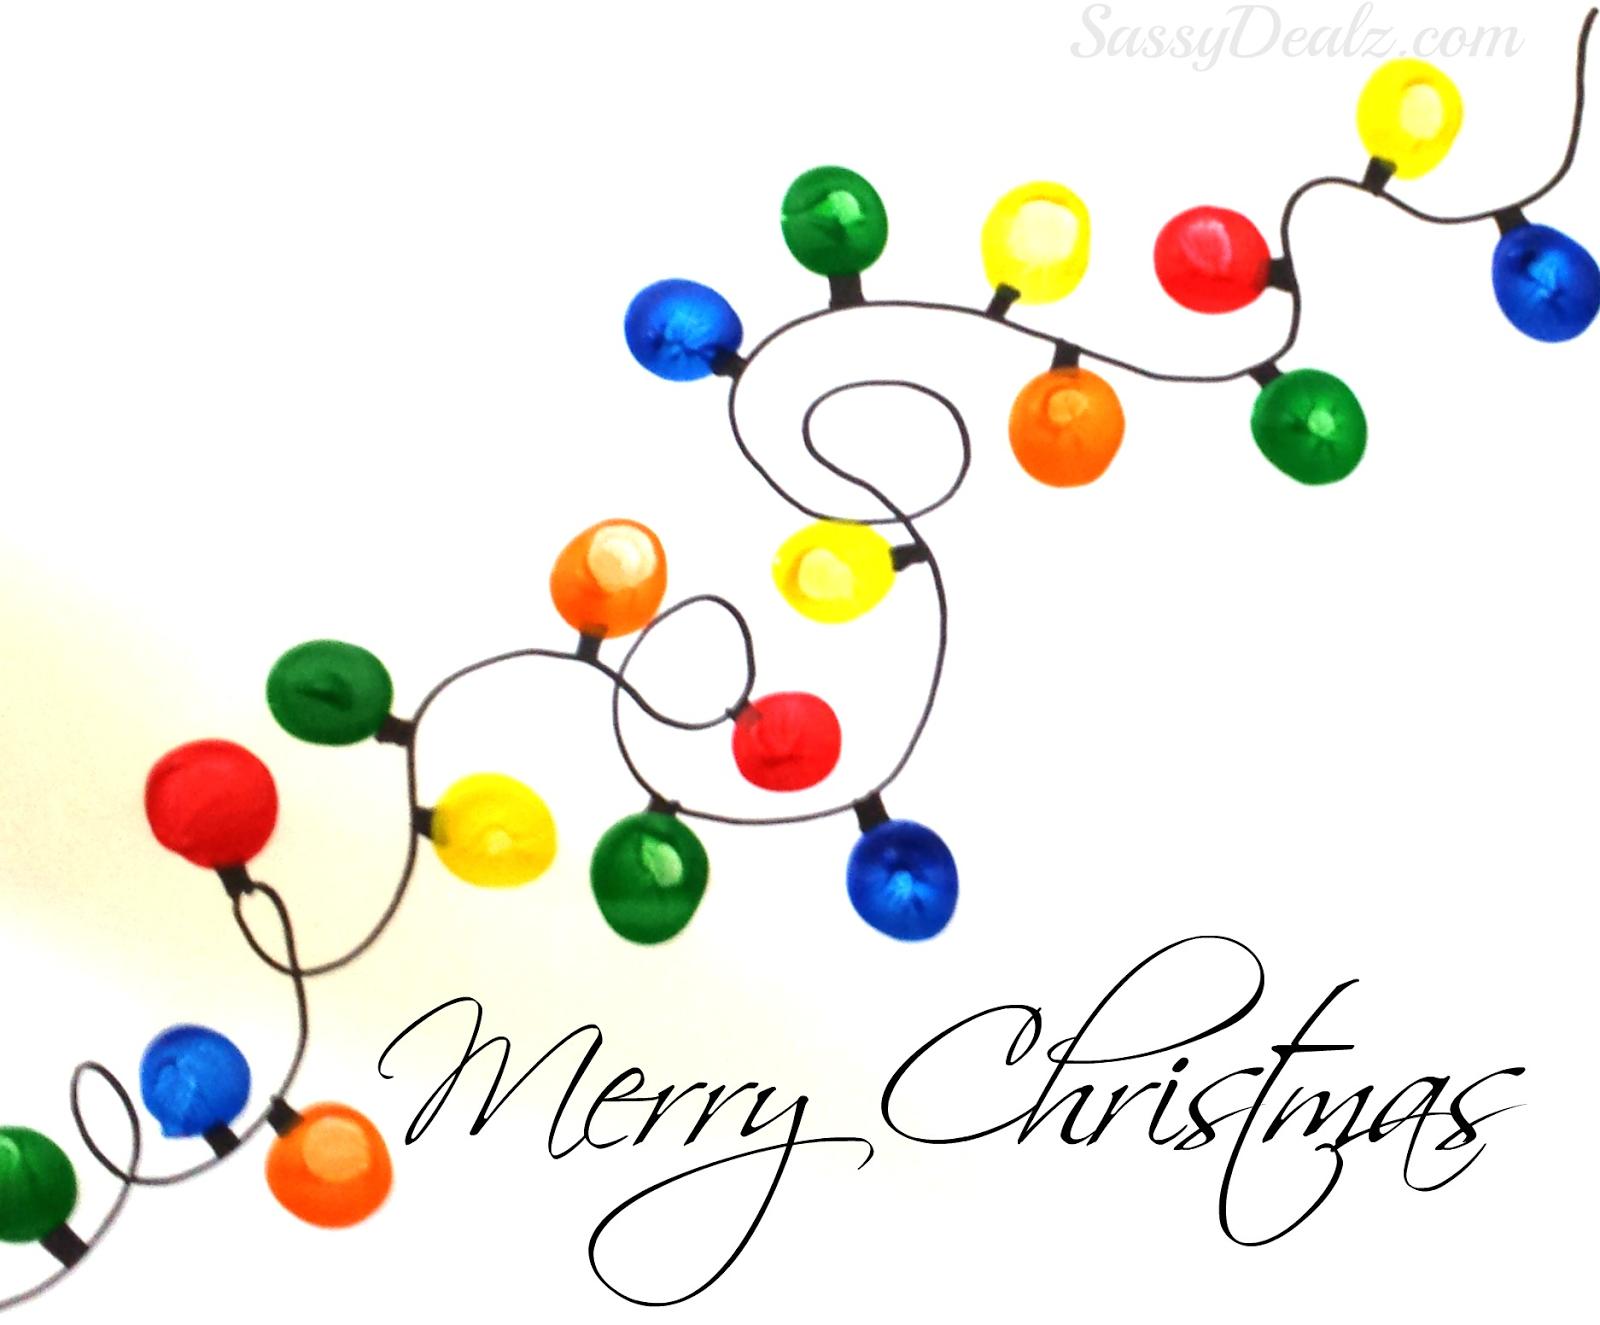 Christmas Light Craft Ideas Part - 30: Kids Christmas Paint Fingerprint Gifts | Fingerprint Christmas Light Craft  For Kids (DIY Christmas Card